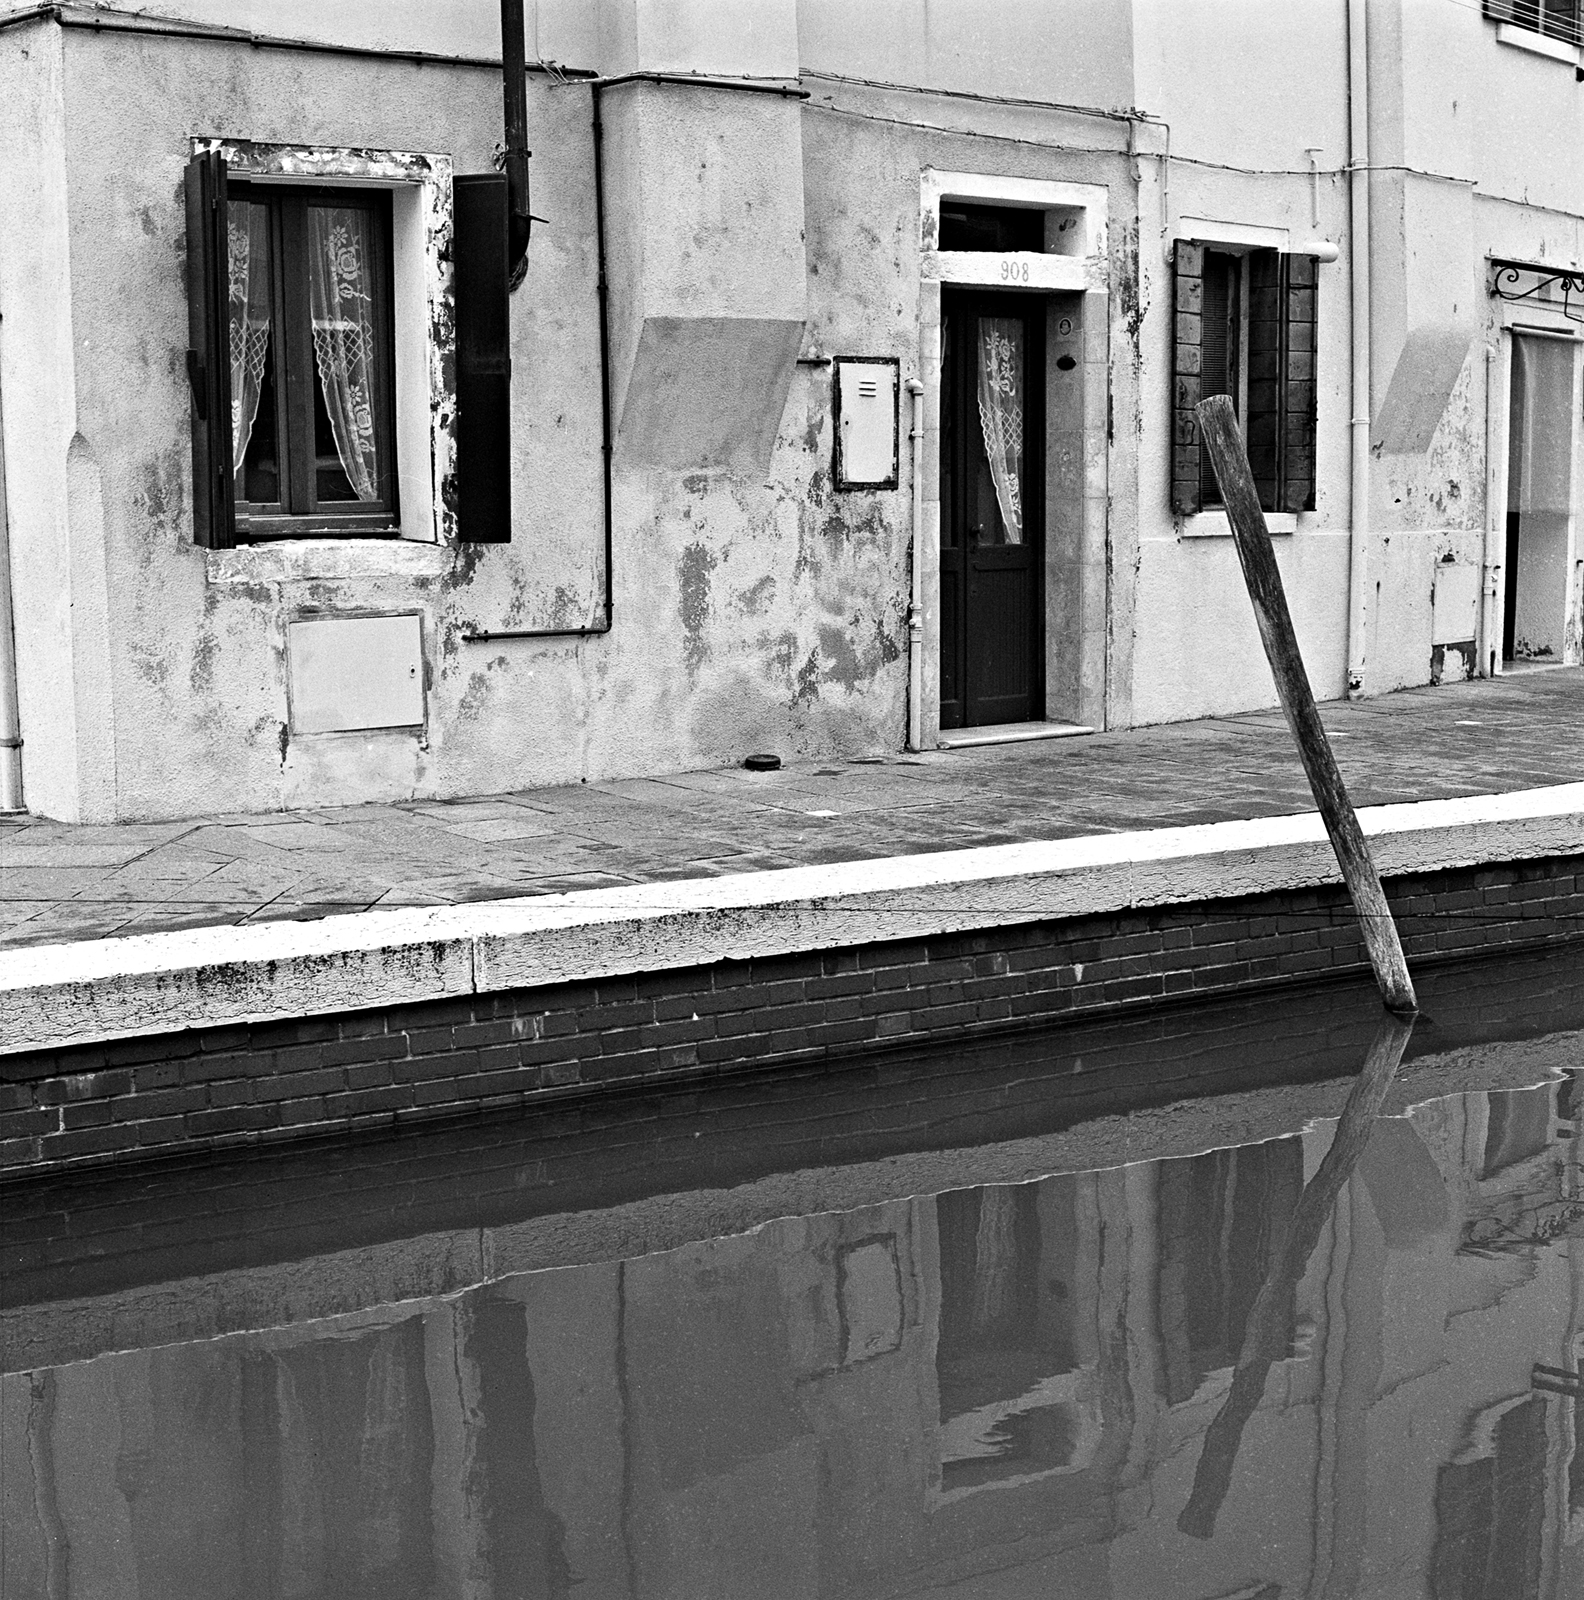 Venice-r3-010.jpg